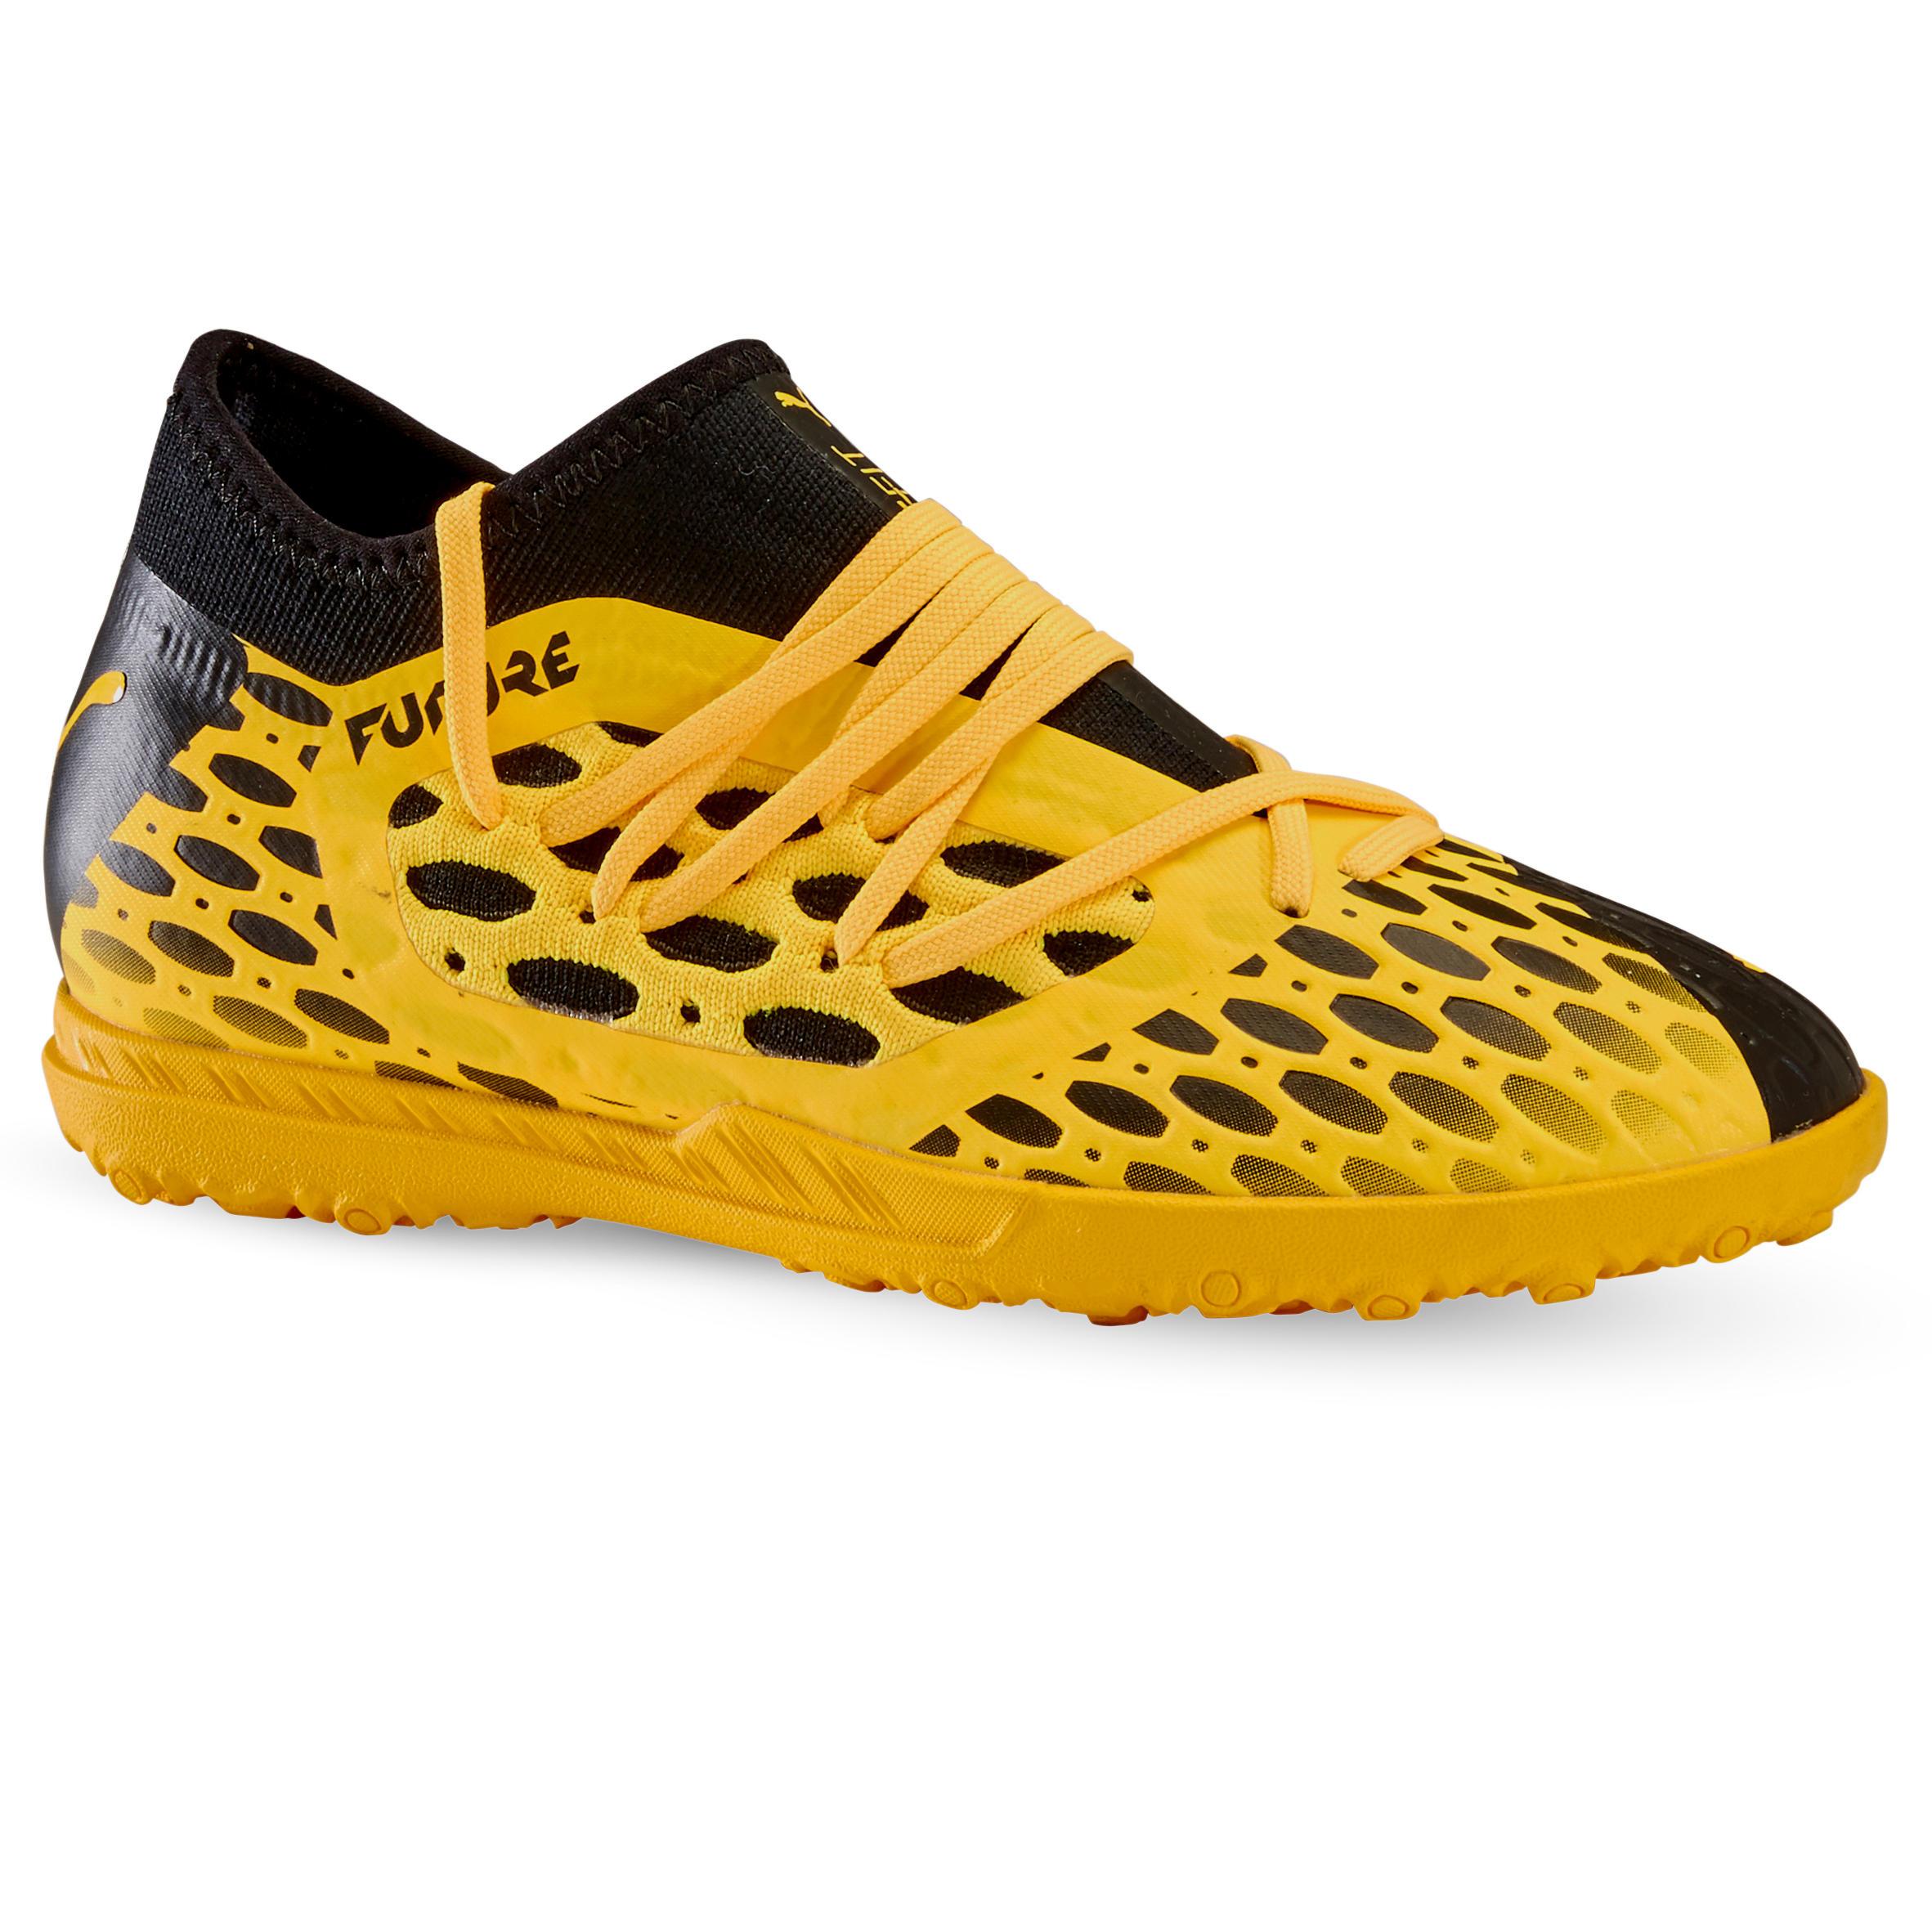 chaussures de foot puma enfants 2018